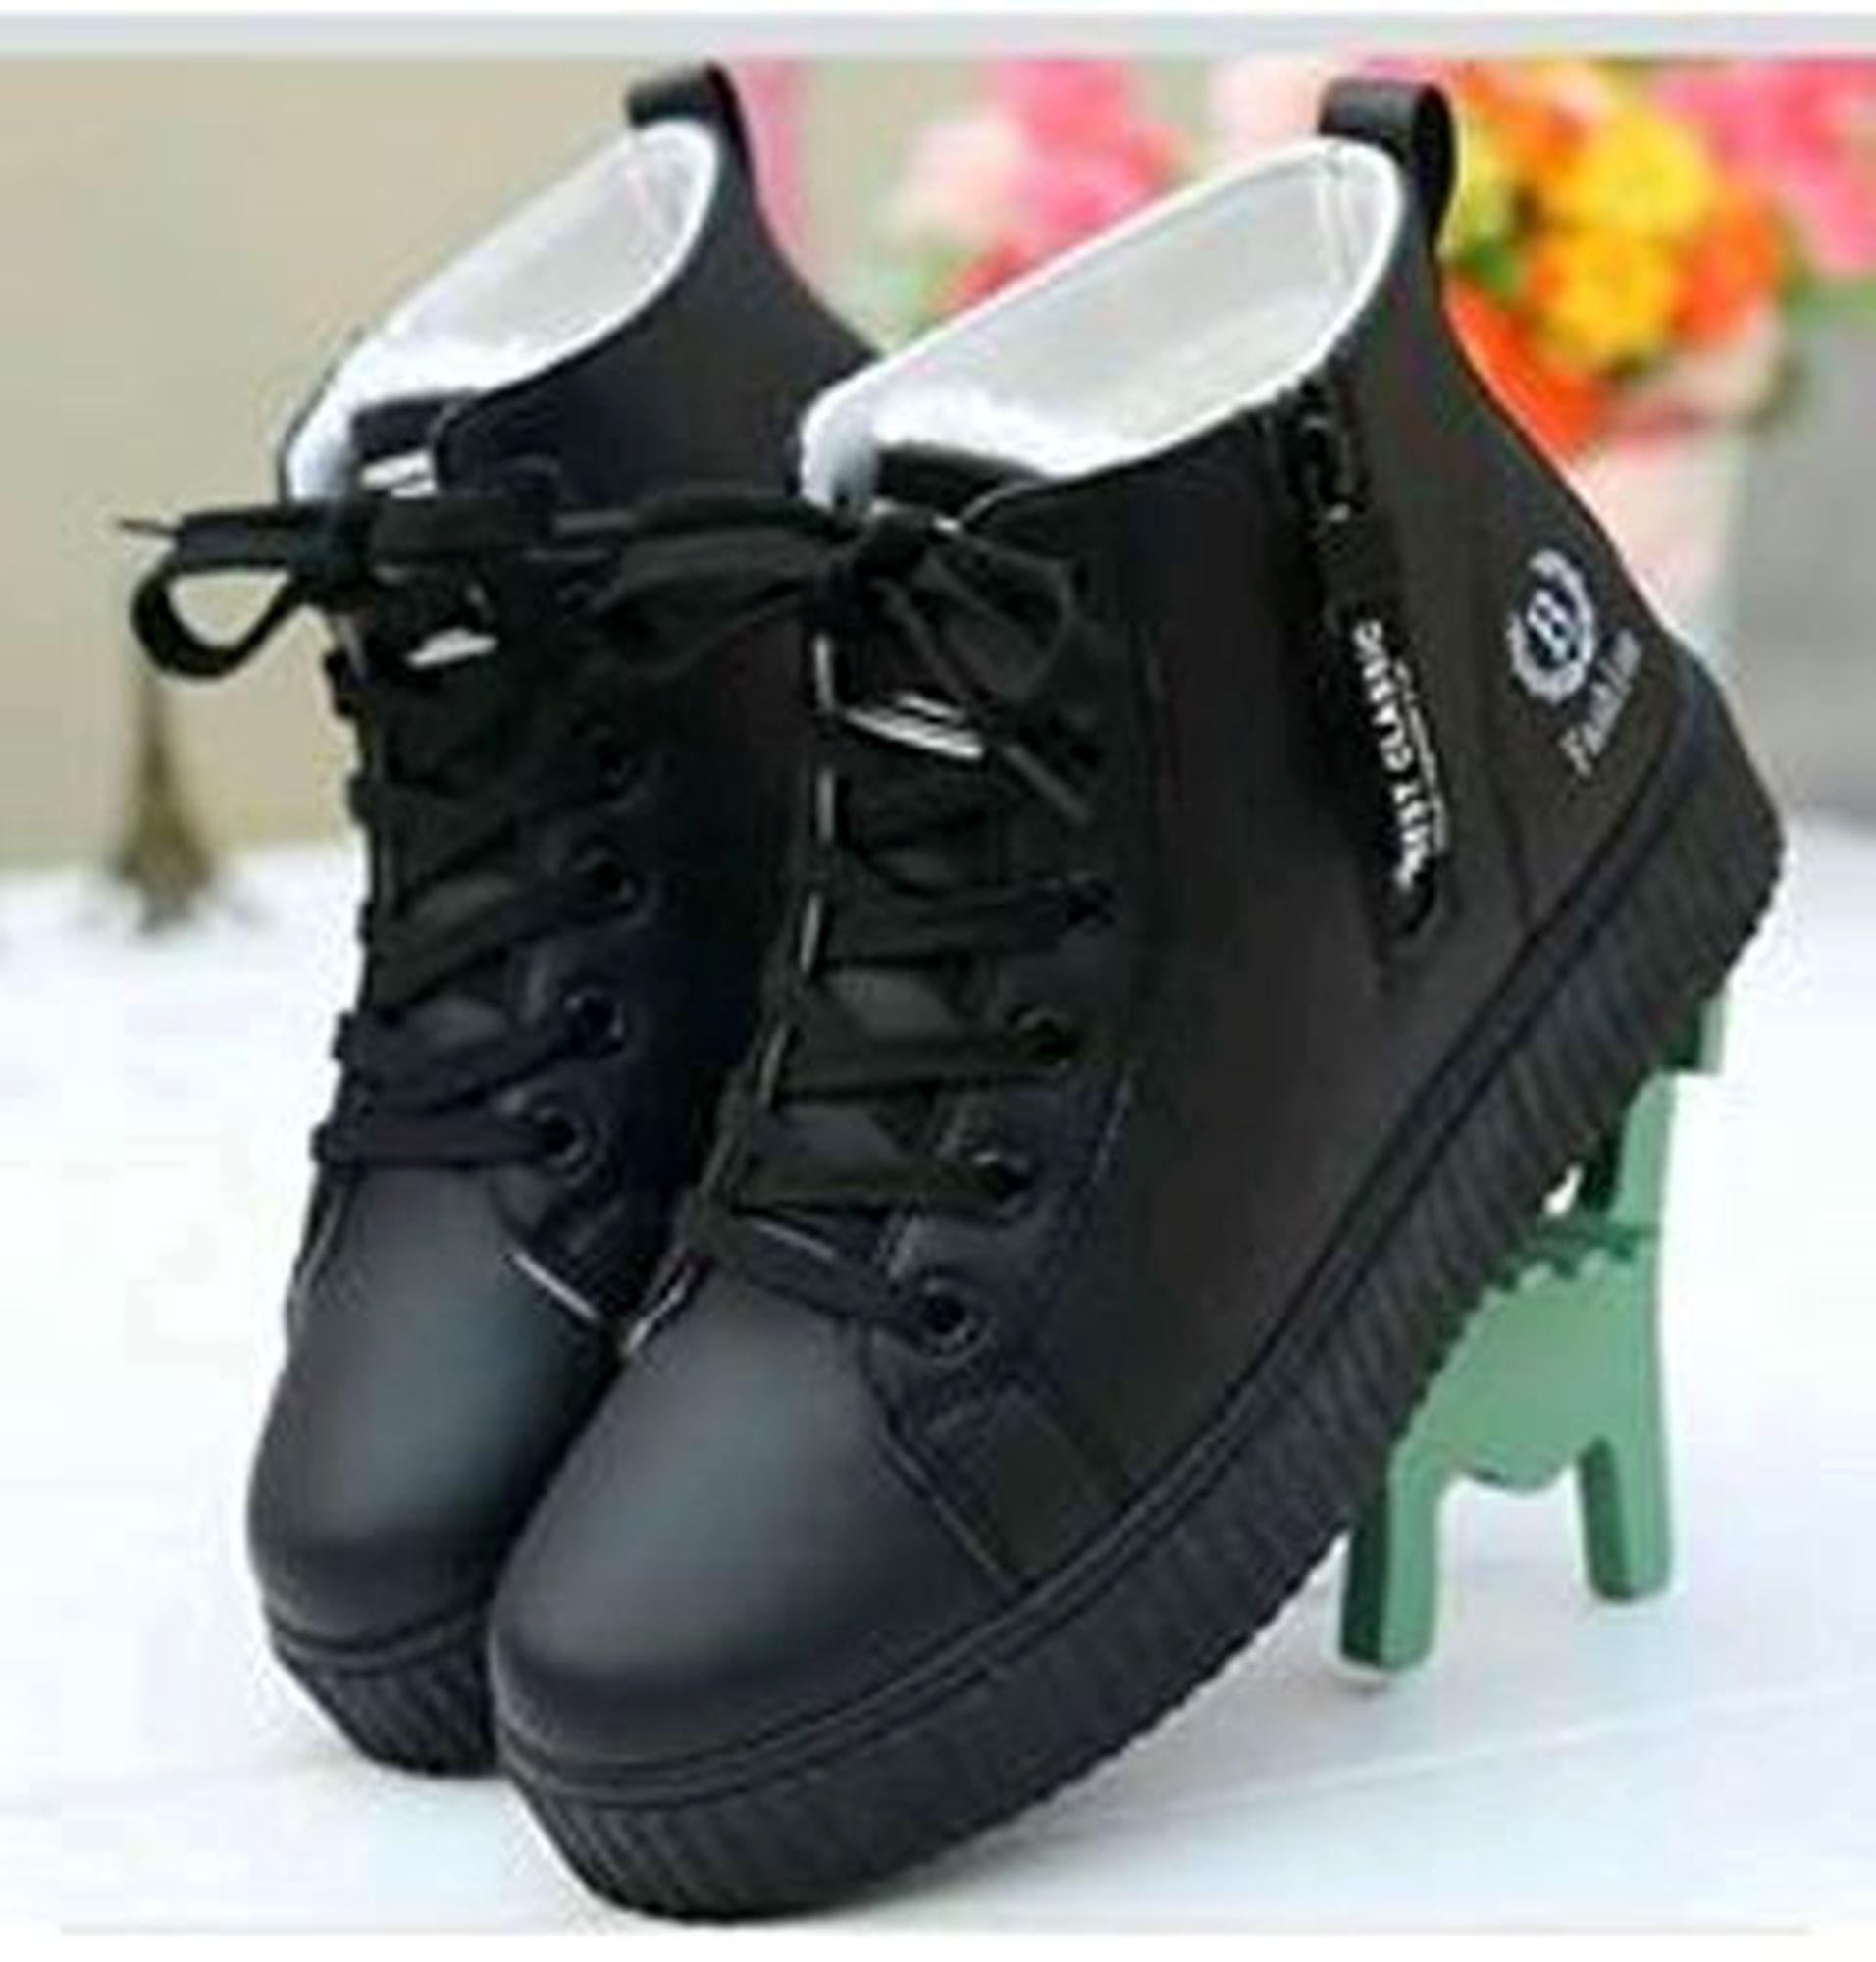 Sepatu Boots Wanita Clasic B ID 88 Hitam